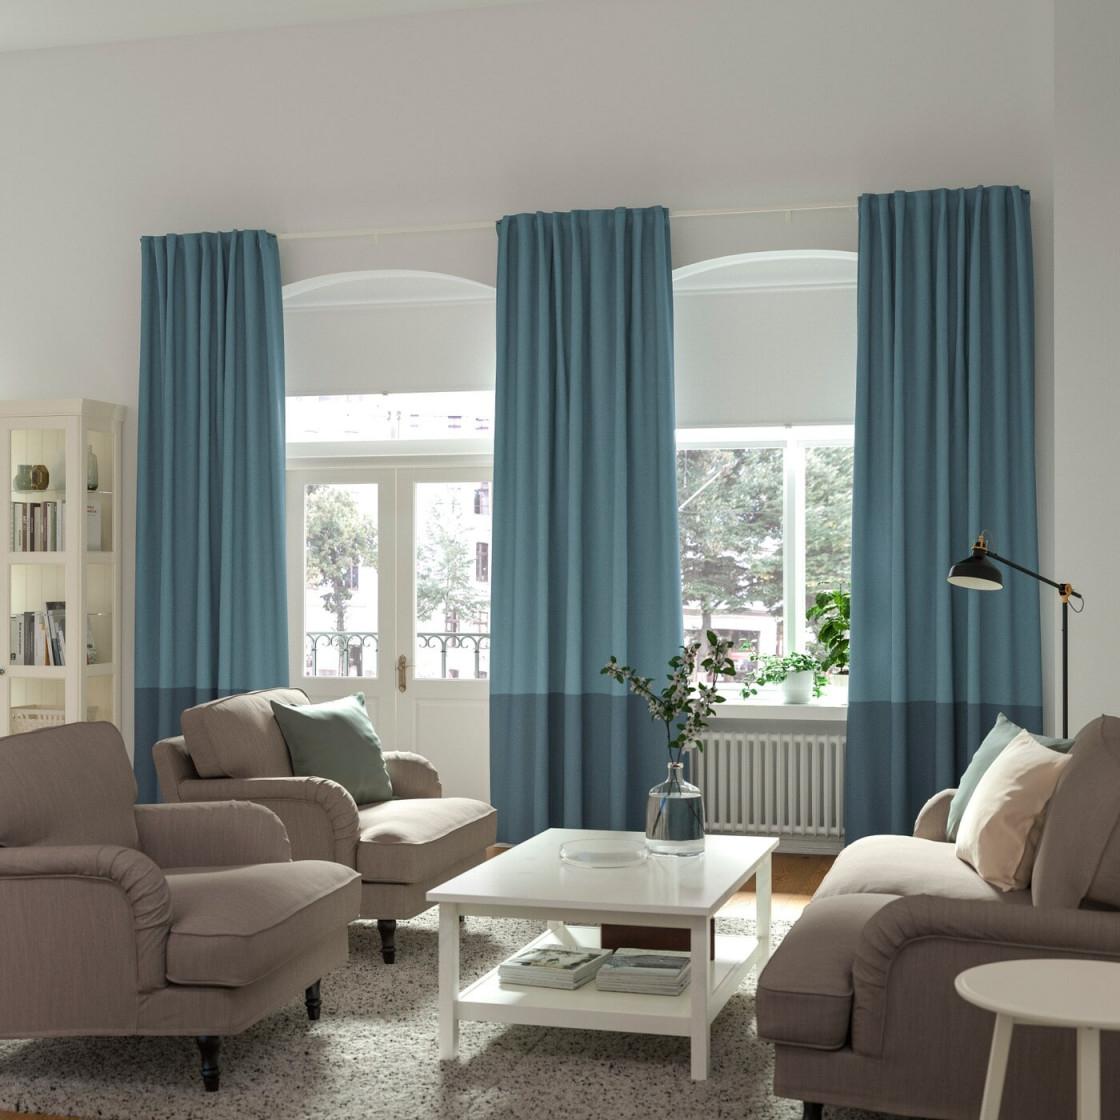 Gardinenideen Inspirationen Für Dein Zuhause  Ikea von Gardinen Wohnzimmer Kurz Und Lang Photo